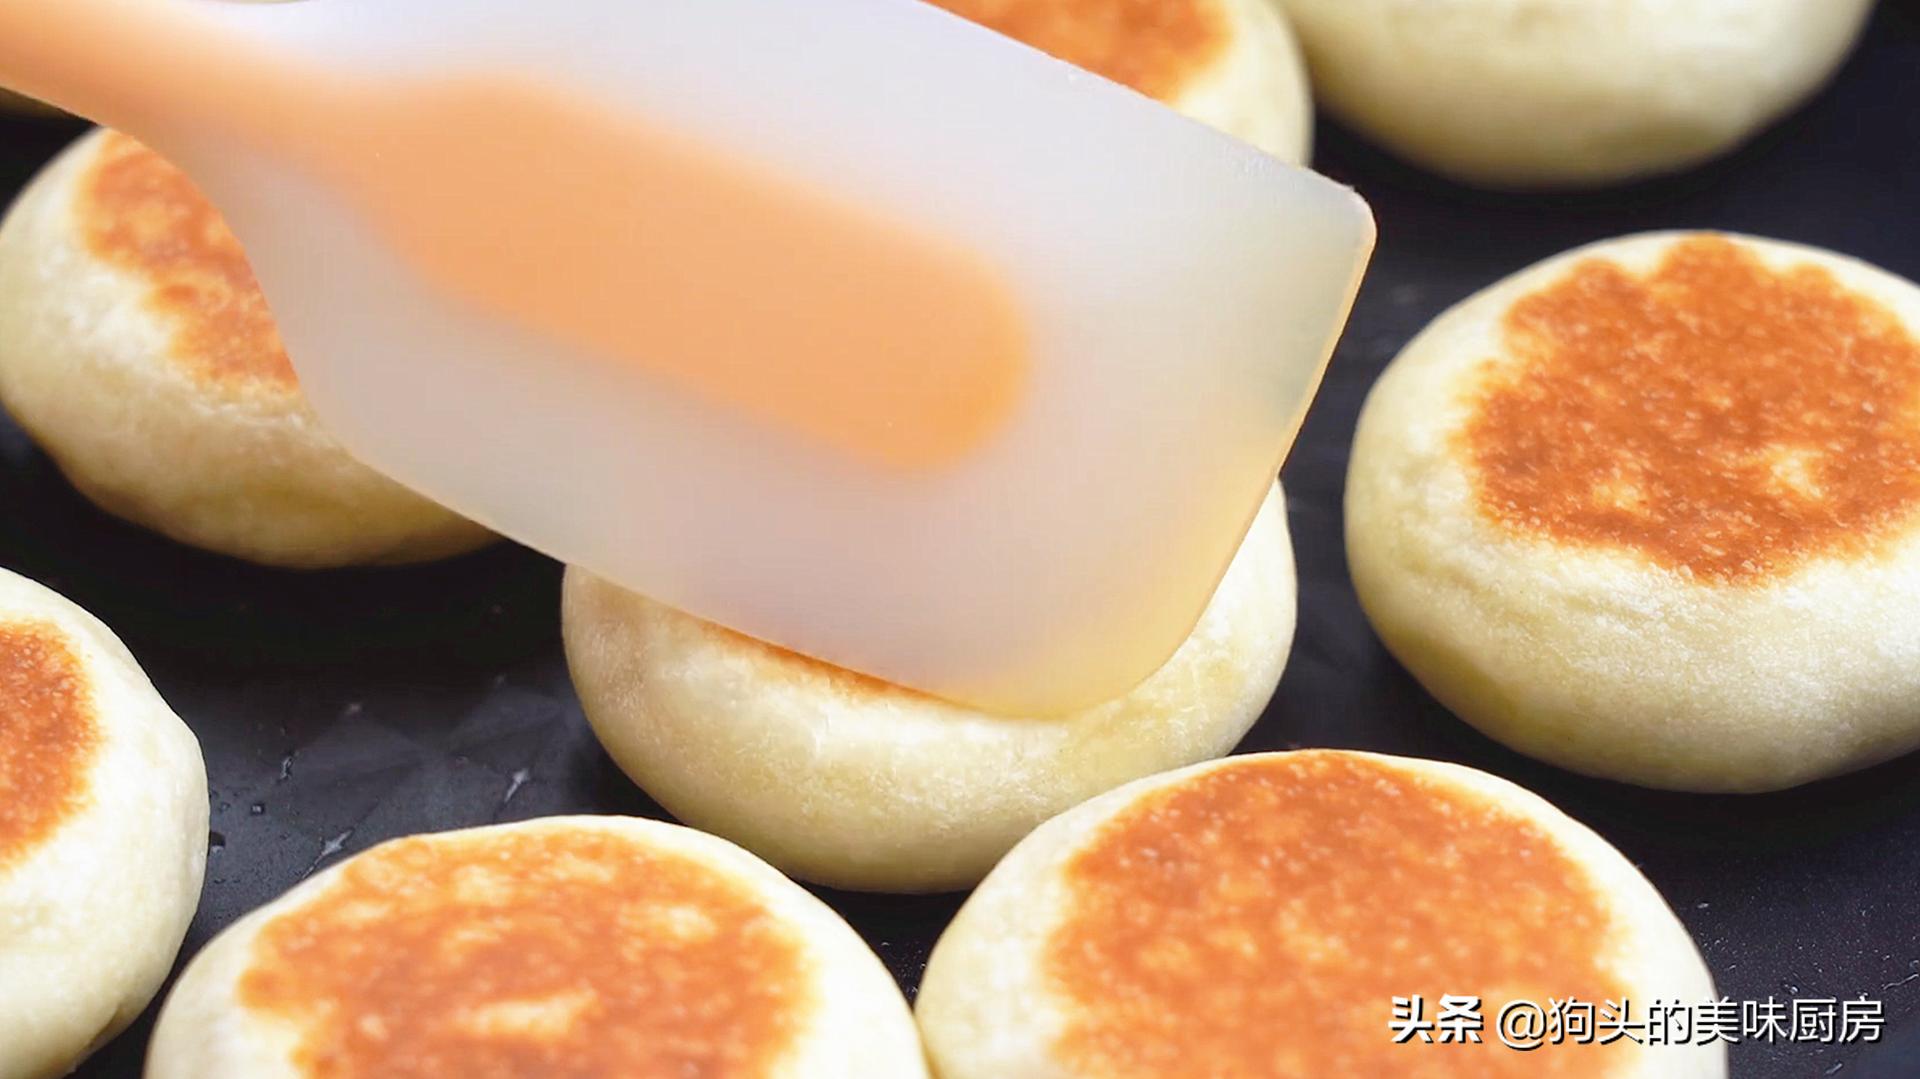 不做酥皮不用烤箱就能做的绿豆饼,清甜不油腻,比外面买的还好吃 美食做法 第19张